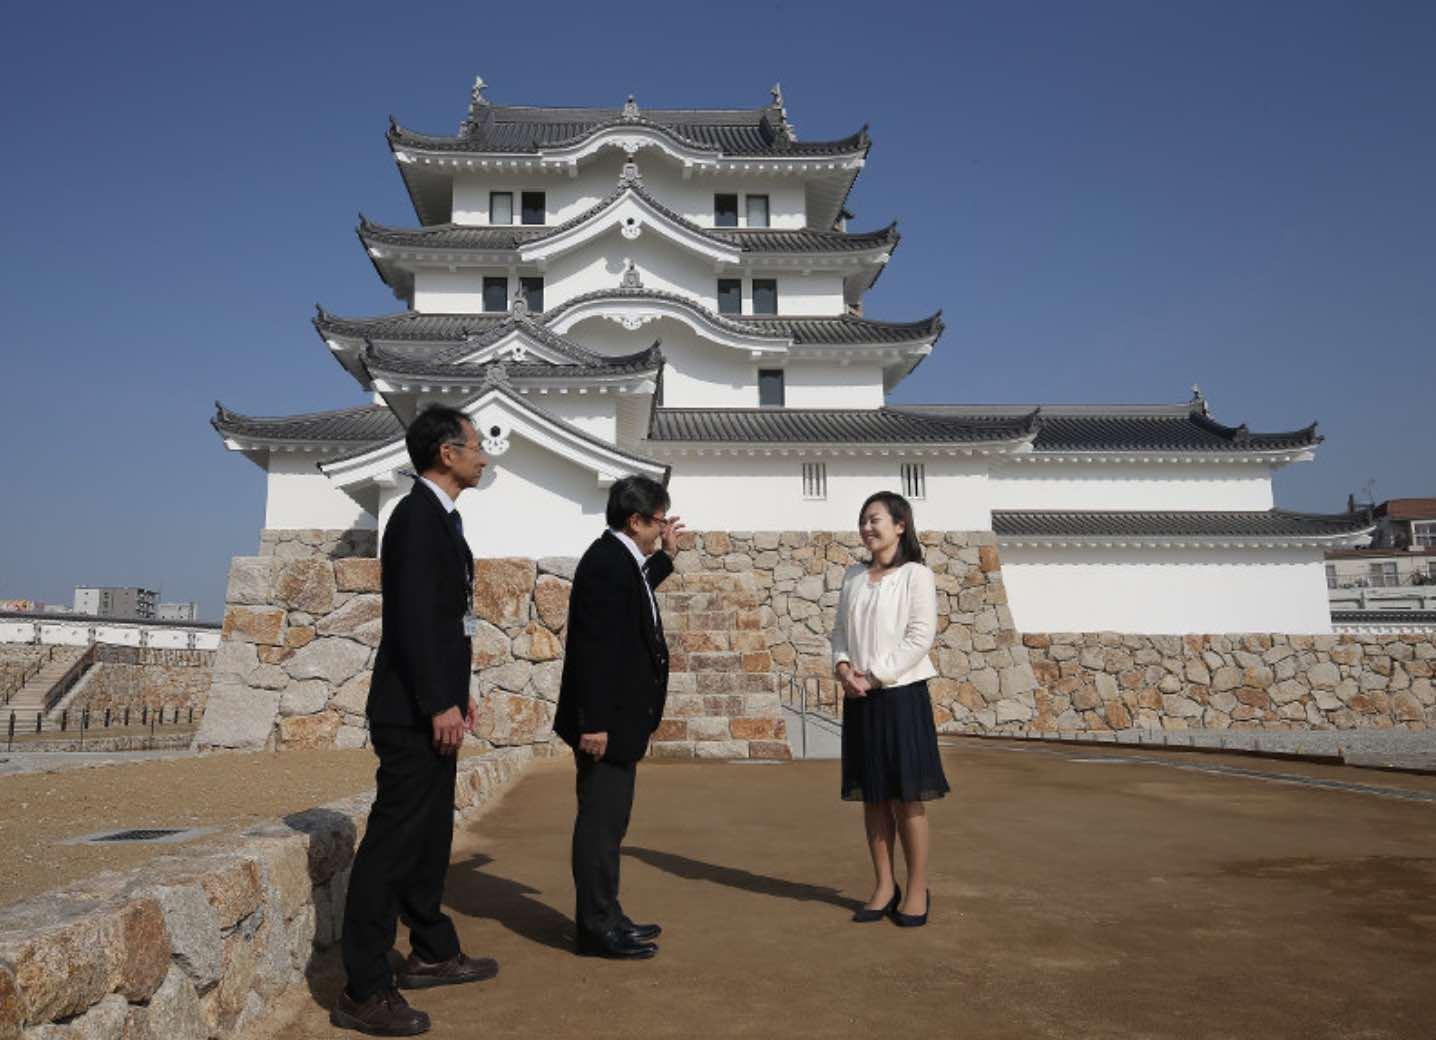 なんだかセットのような尼崎城築城、綺麗すぎじゃないか?